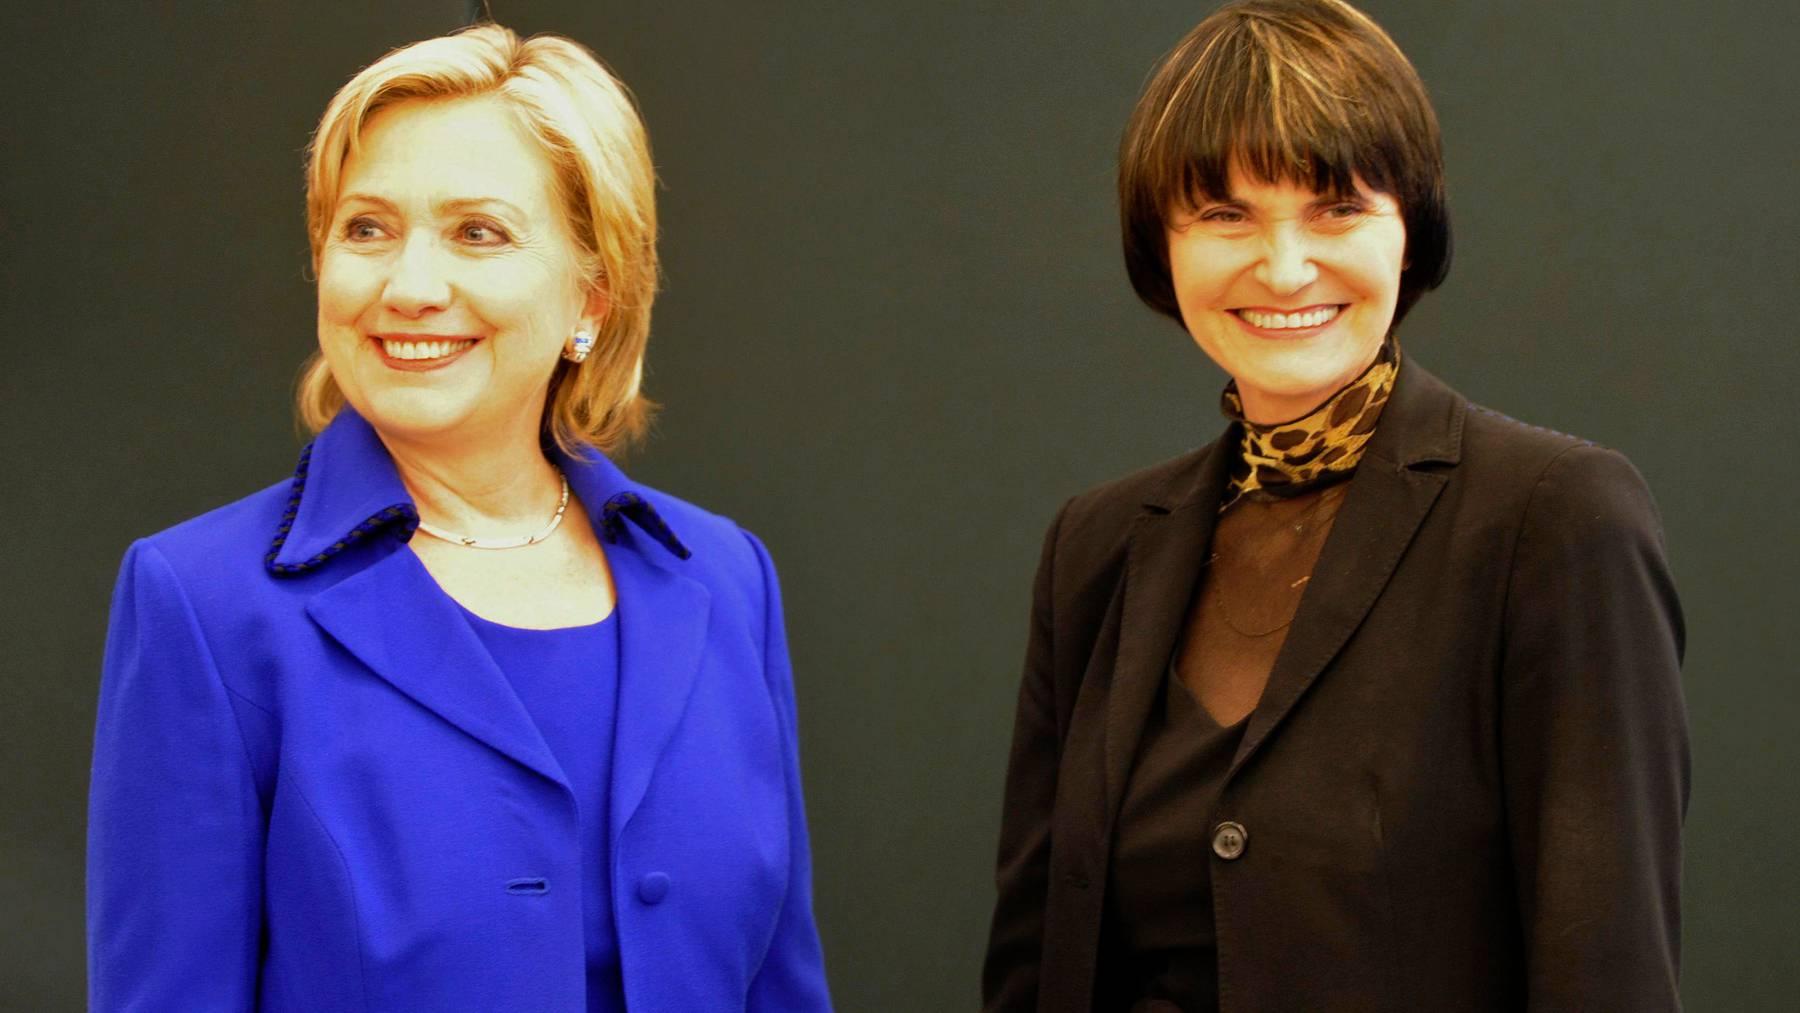 Micheline Calmy-Rey im Jahr 2009, zusammen mit der damaligen US-Aussenministerin Hillary Clinton, als in Zürich ein Friedensabkommen zwischen der Türkei und Armenien unterzeichnet wurde.